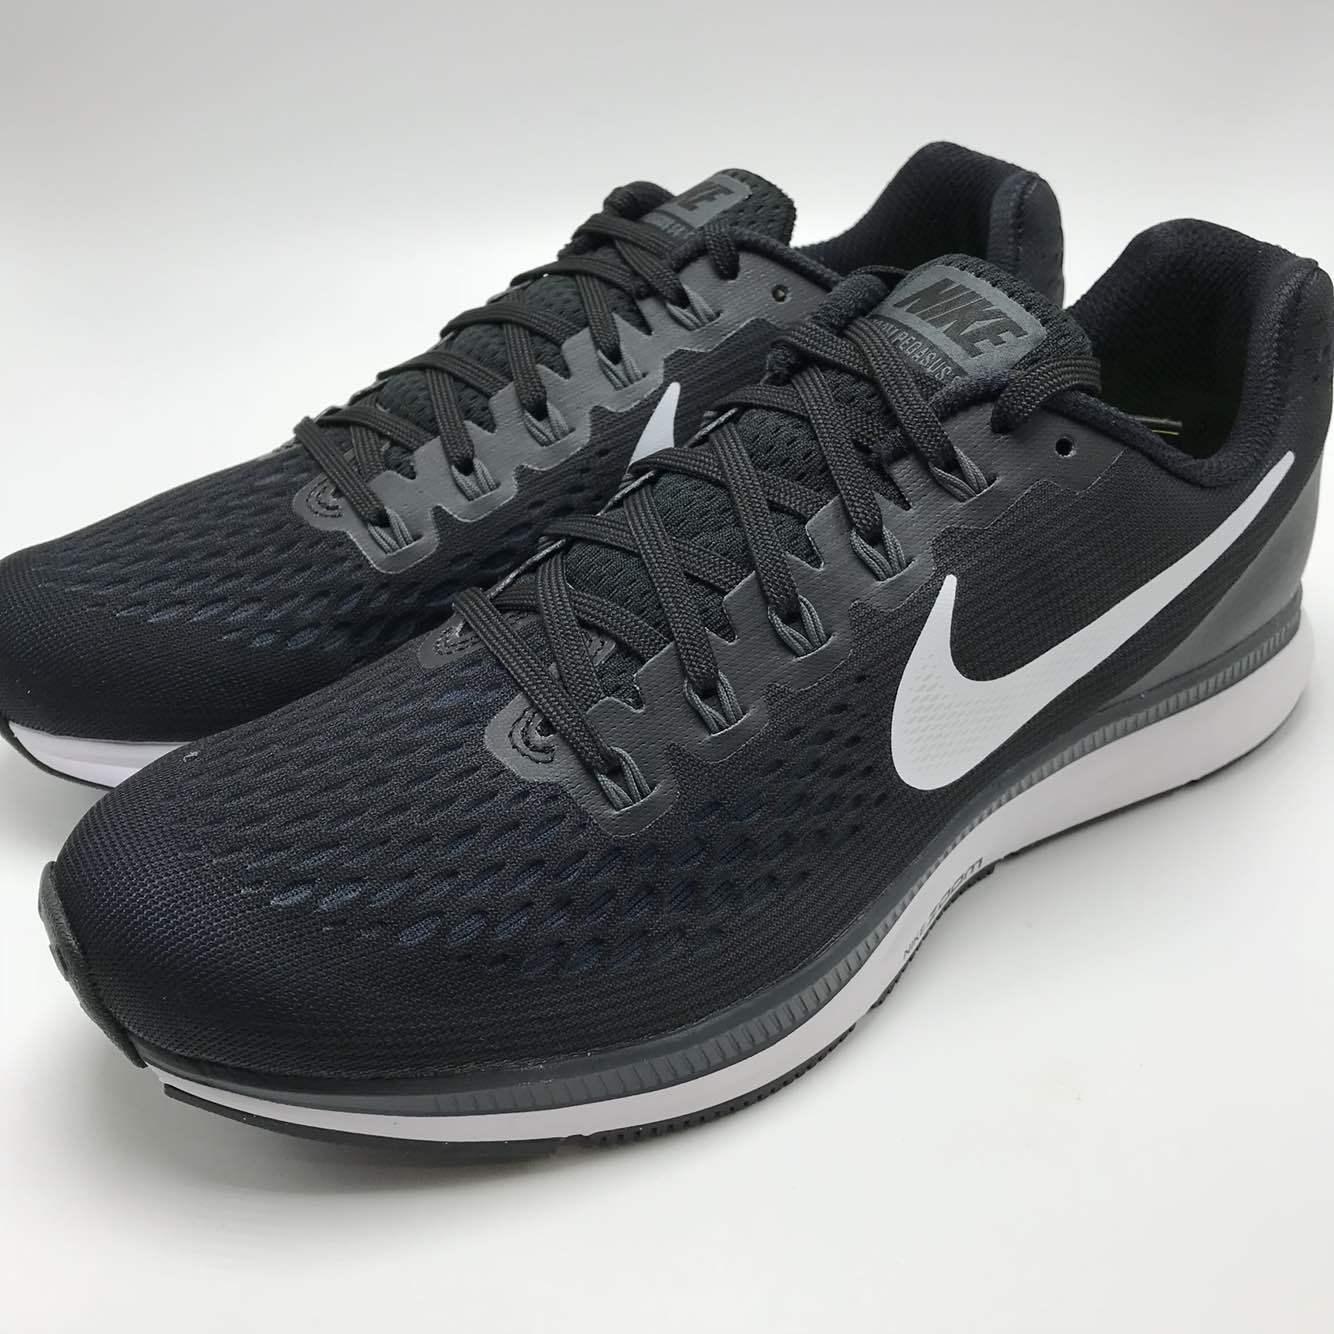 Nike air da zoom pegasus 34 uomini scarpe da air corsa nero / bianco, grigio scuro 880555 001 c3538e